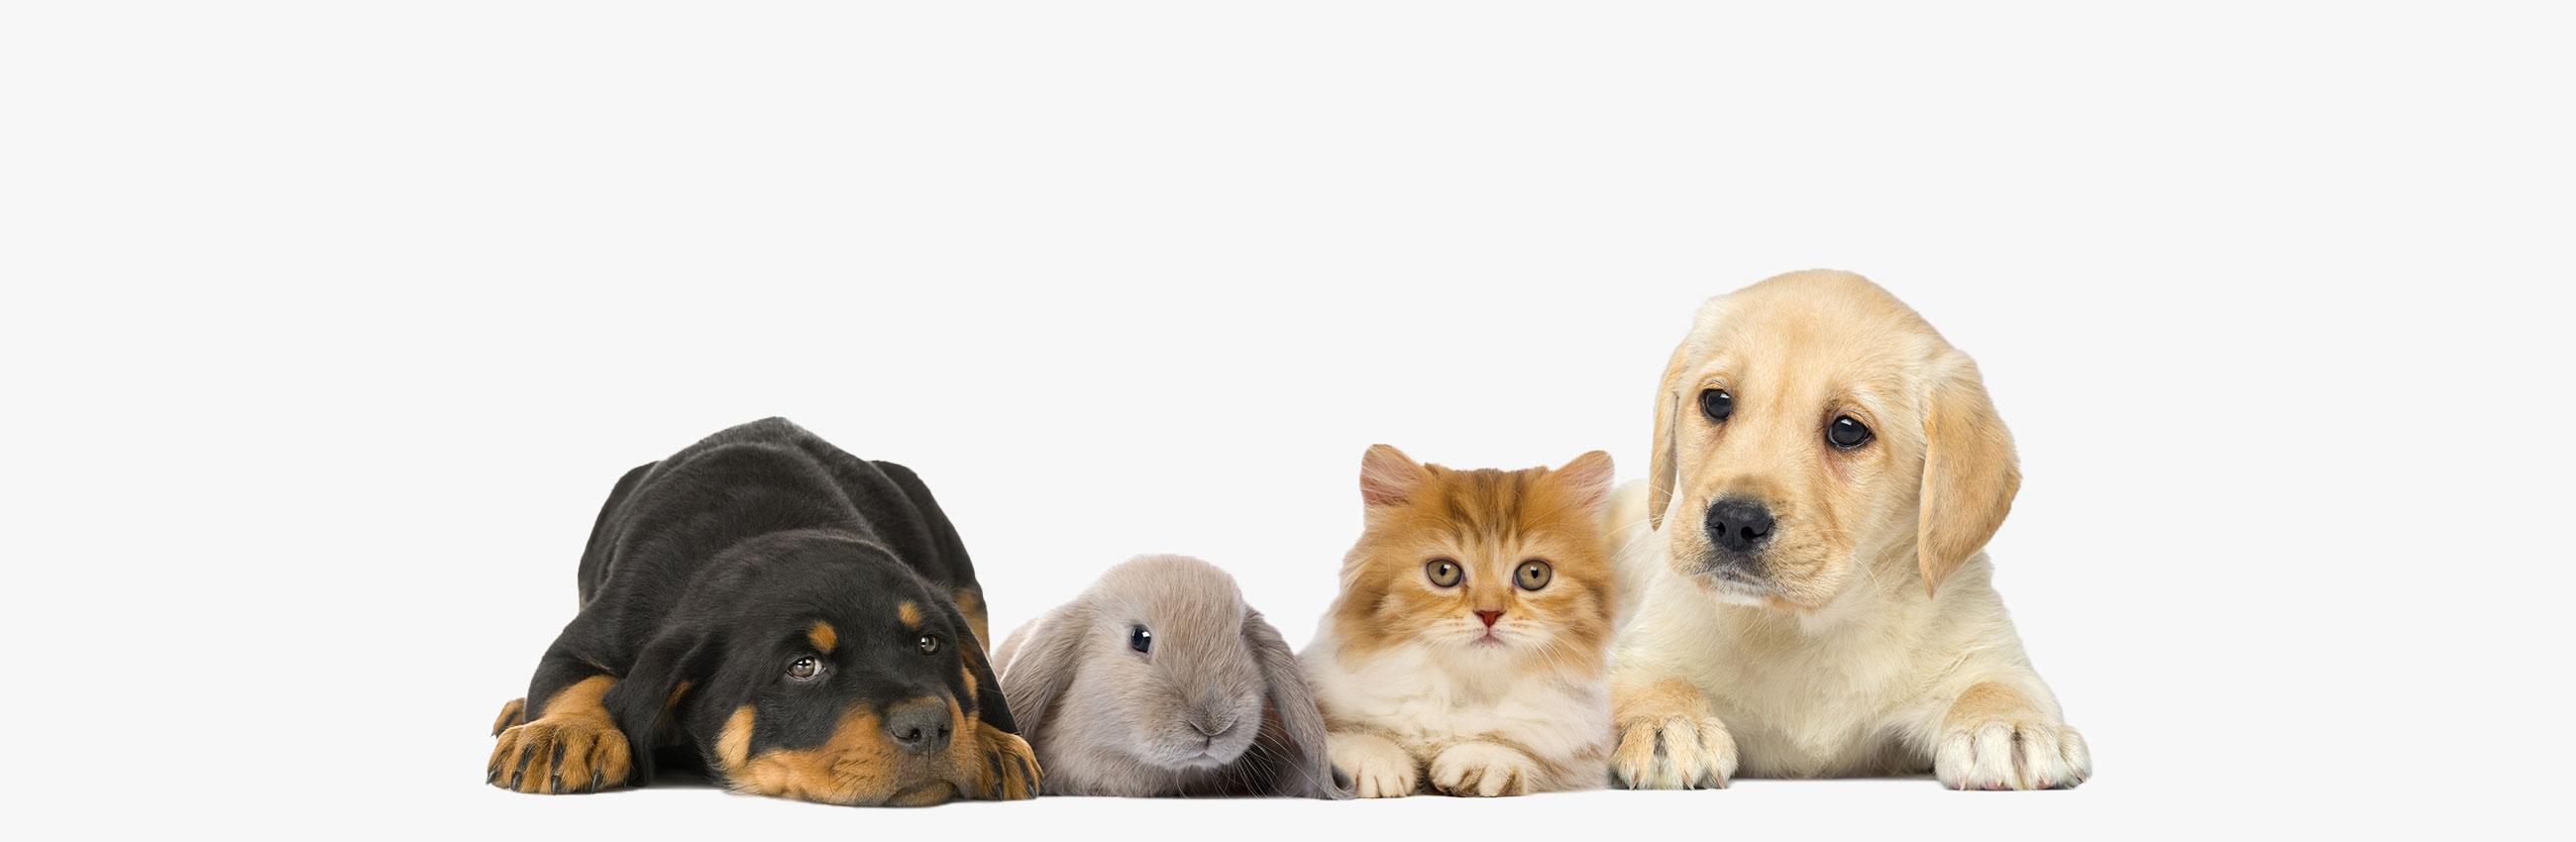 Lupus katter och hundar